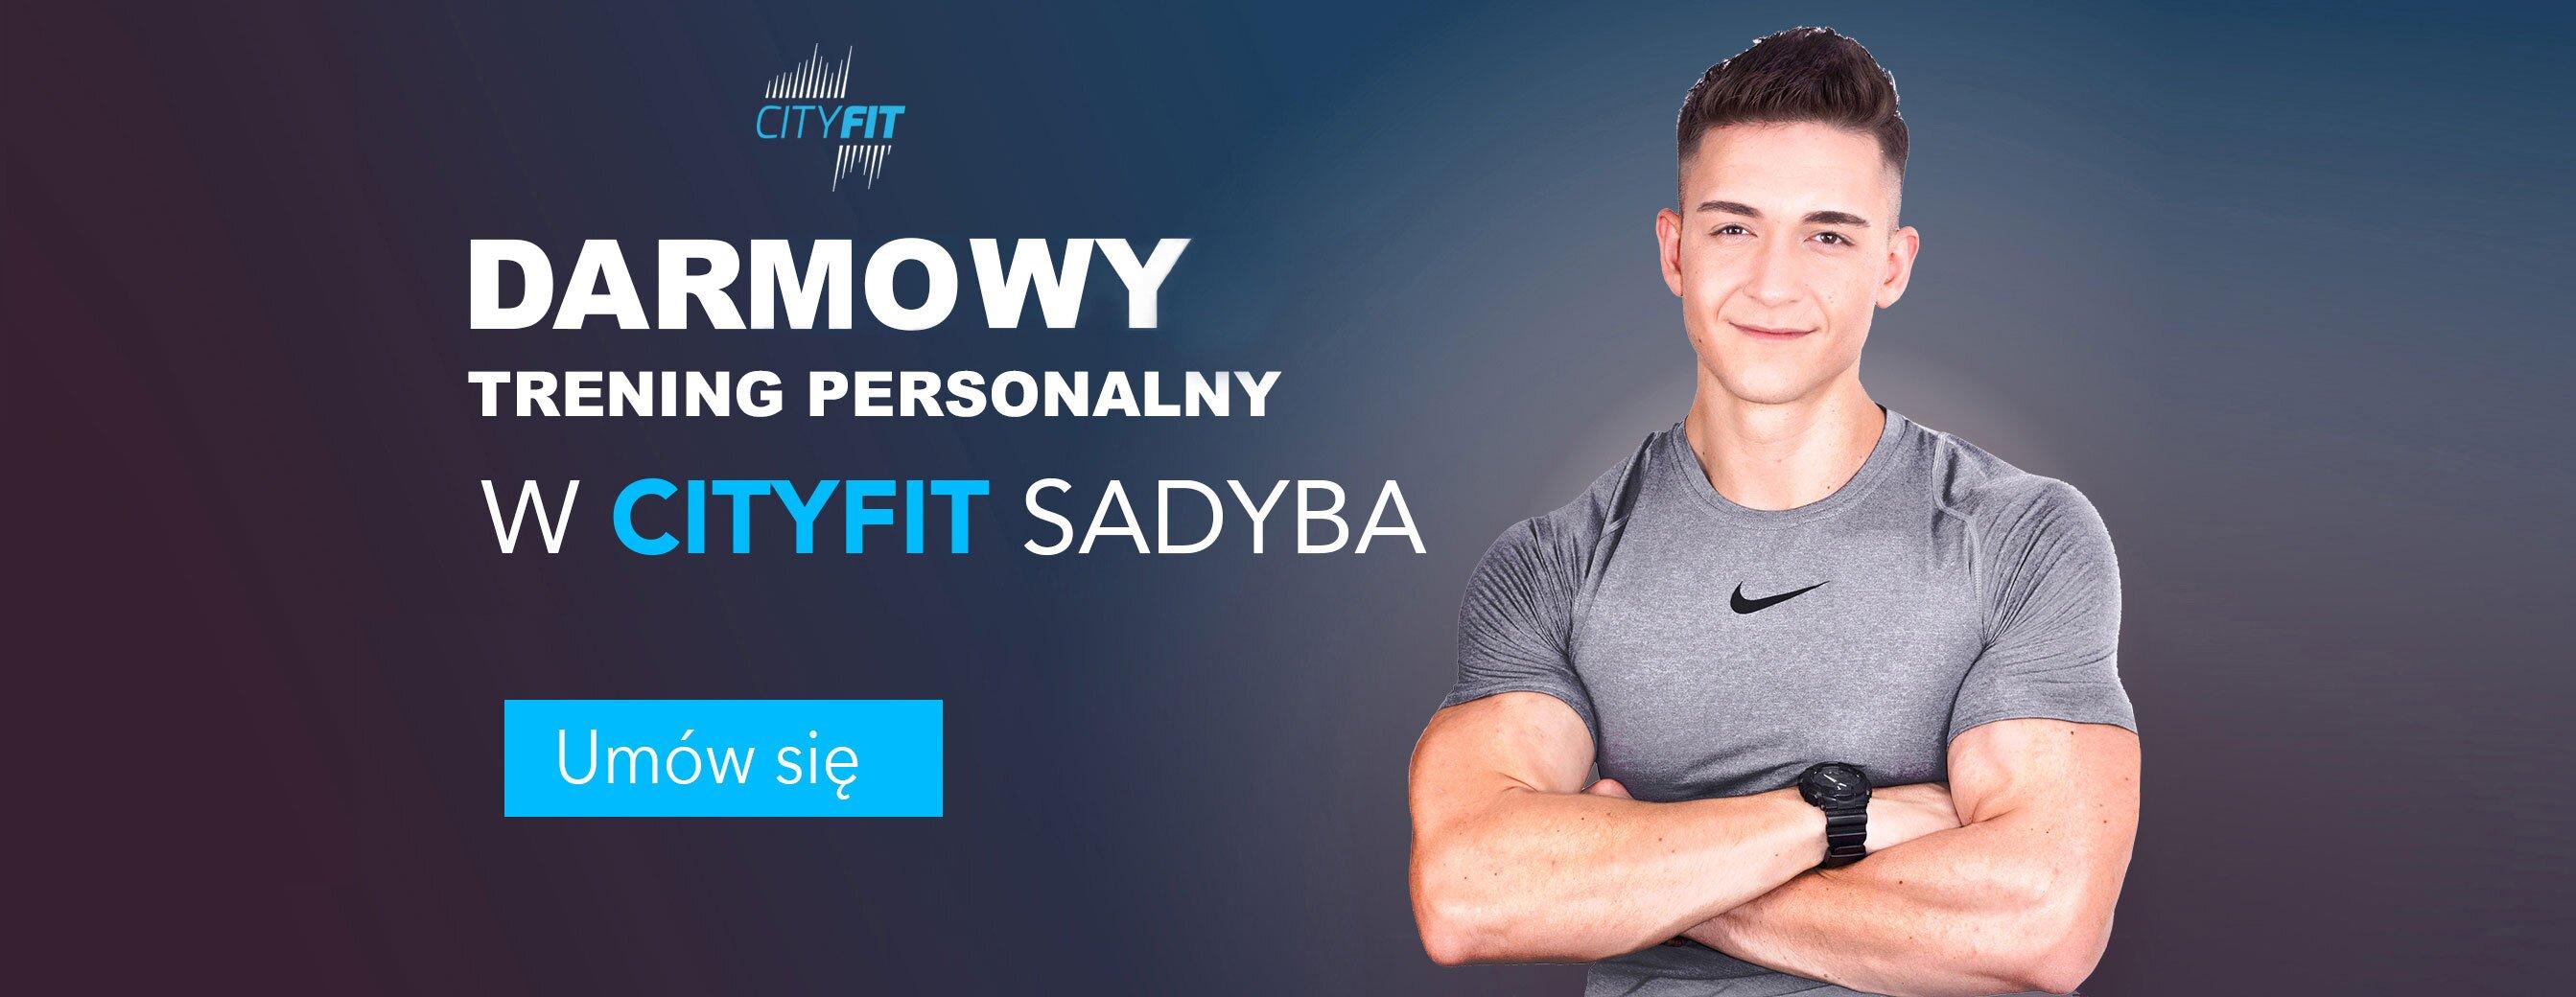 baner promocyjny z zaproszeniem na zajęcia próbne w Cityfit Sadyba z trenerem personalnym